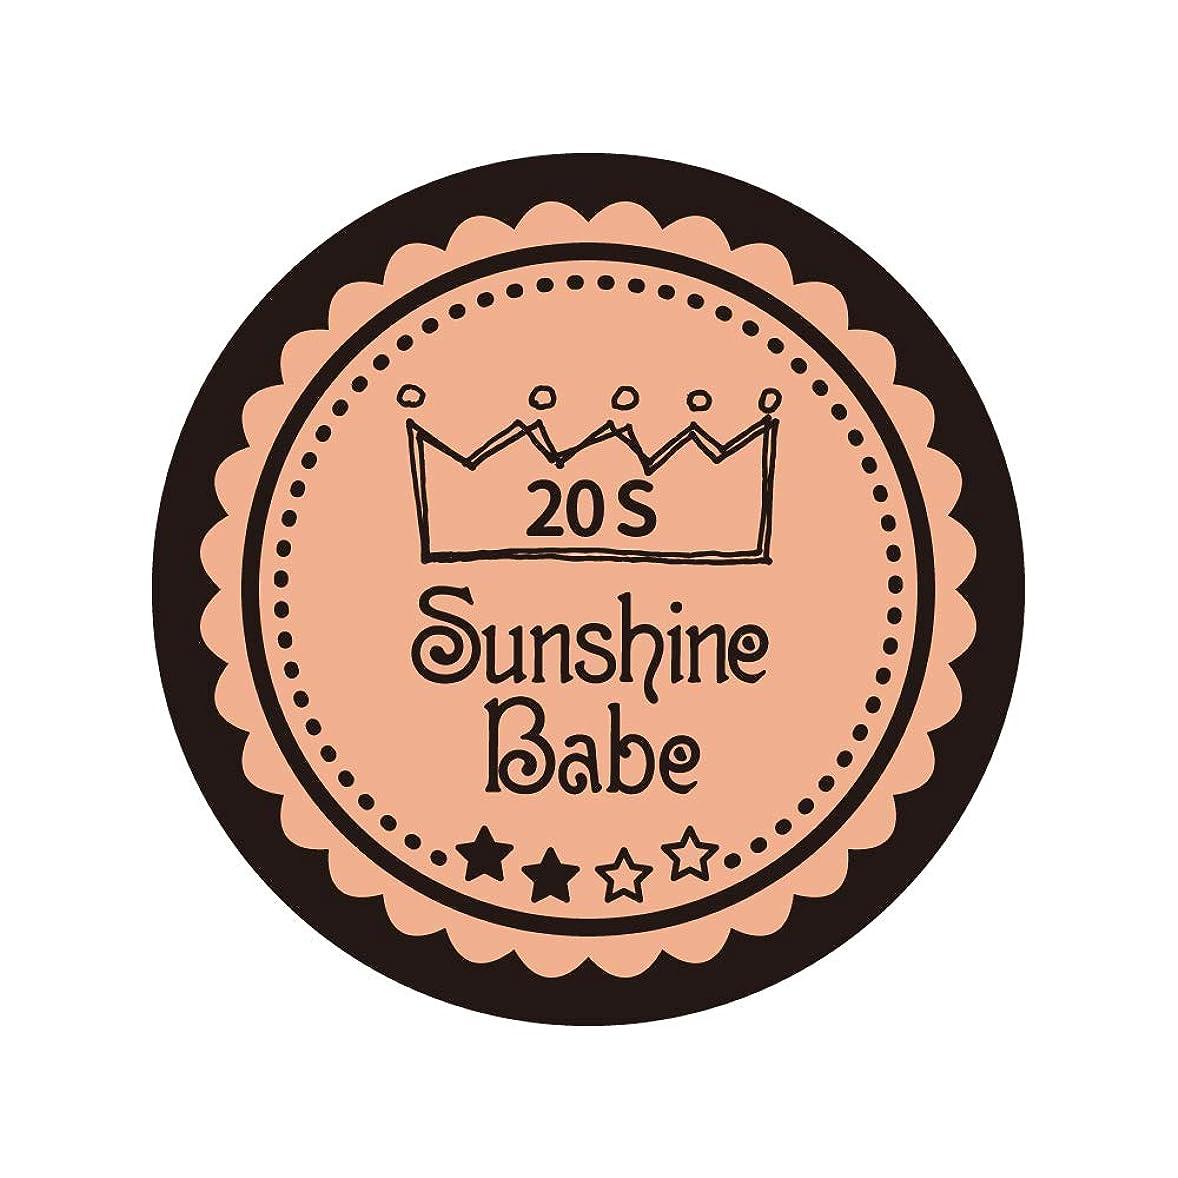 手入れめまい海賊Sunshine Babe コスメティックカラー 20S ヌーディーベージュ 4g UV/LED対応